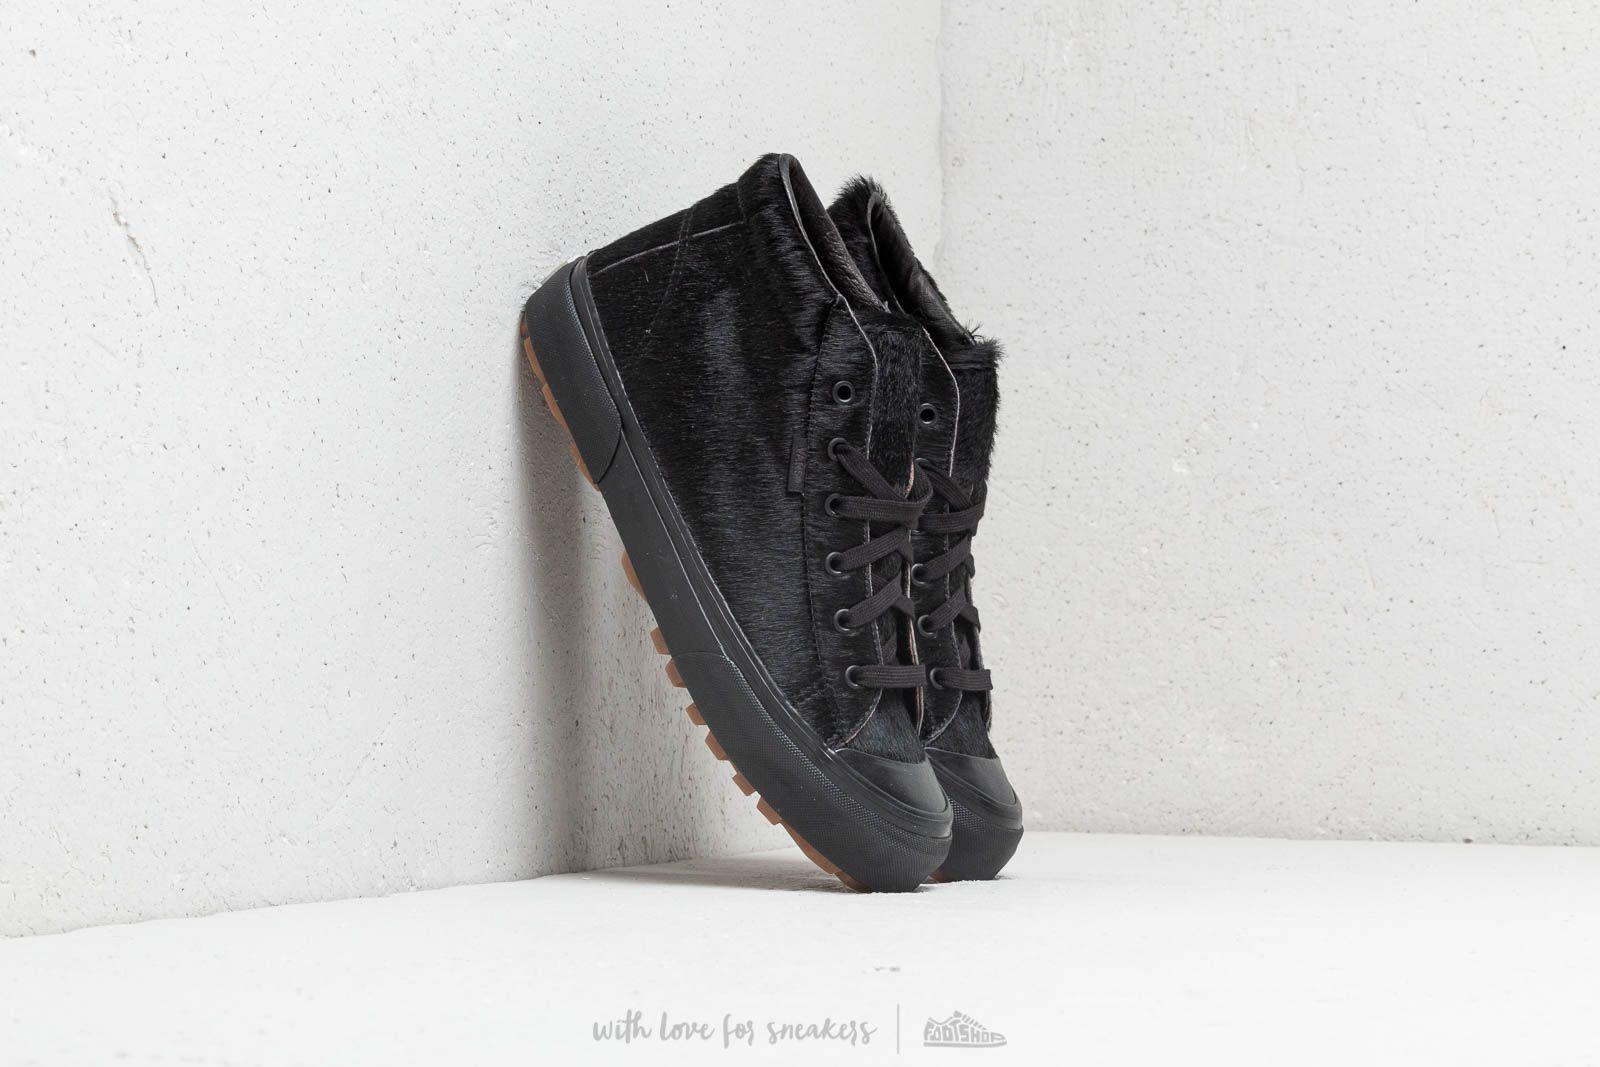 708c183b4db Lyst - Vans Og G.i Lx (pony Hair) Black in Black for Men